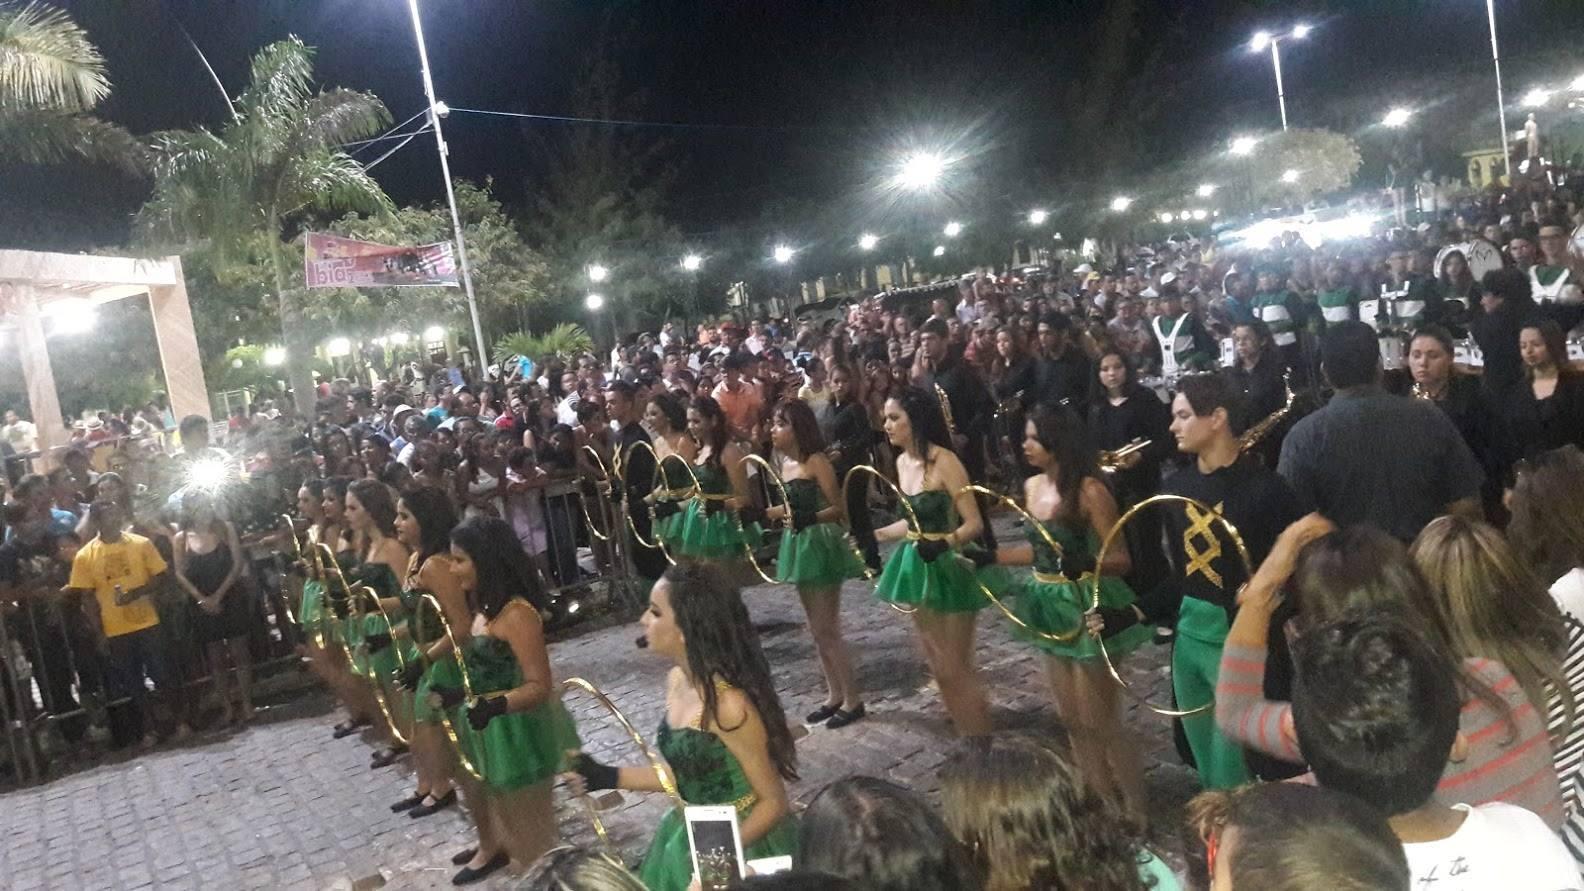 14195972_1701101606795999_1641369181326742435_o-1024x576 Desfile cívico de Monteiro marca comemoração ao dia 07 de setembro, veja as imagens